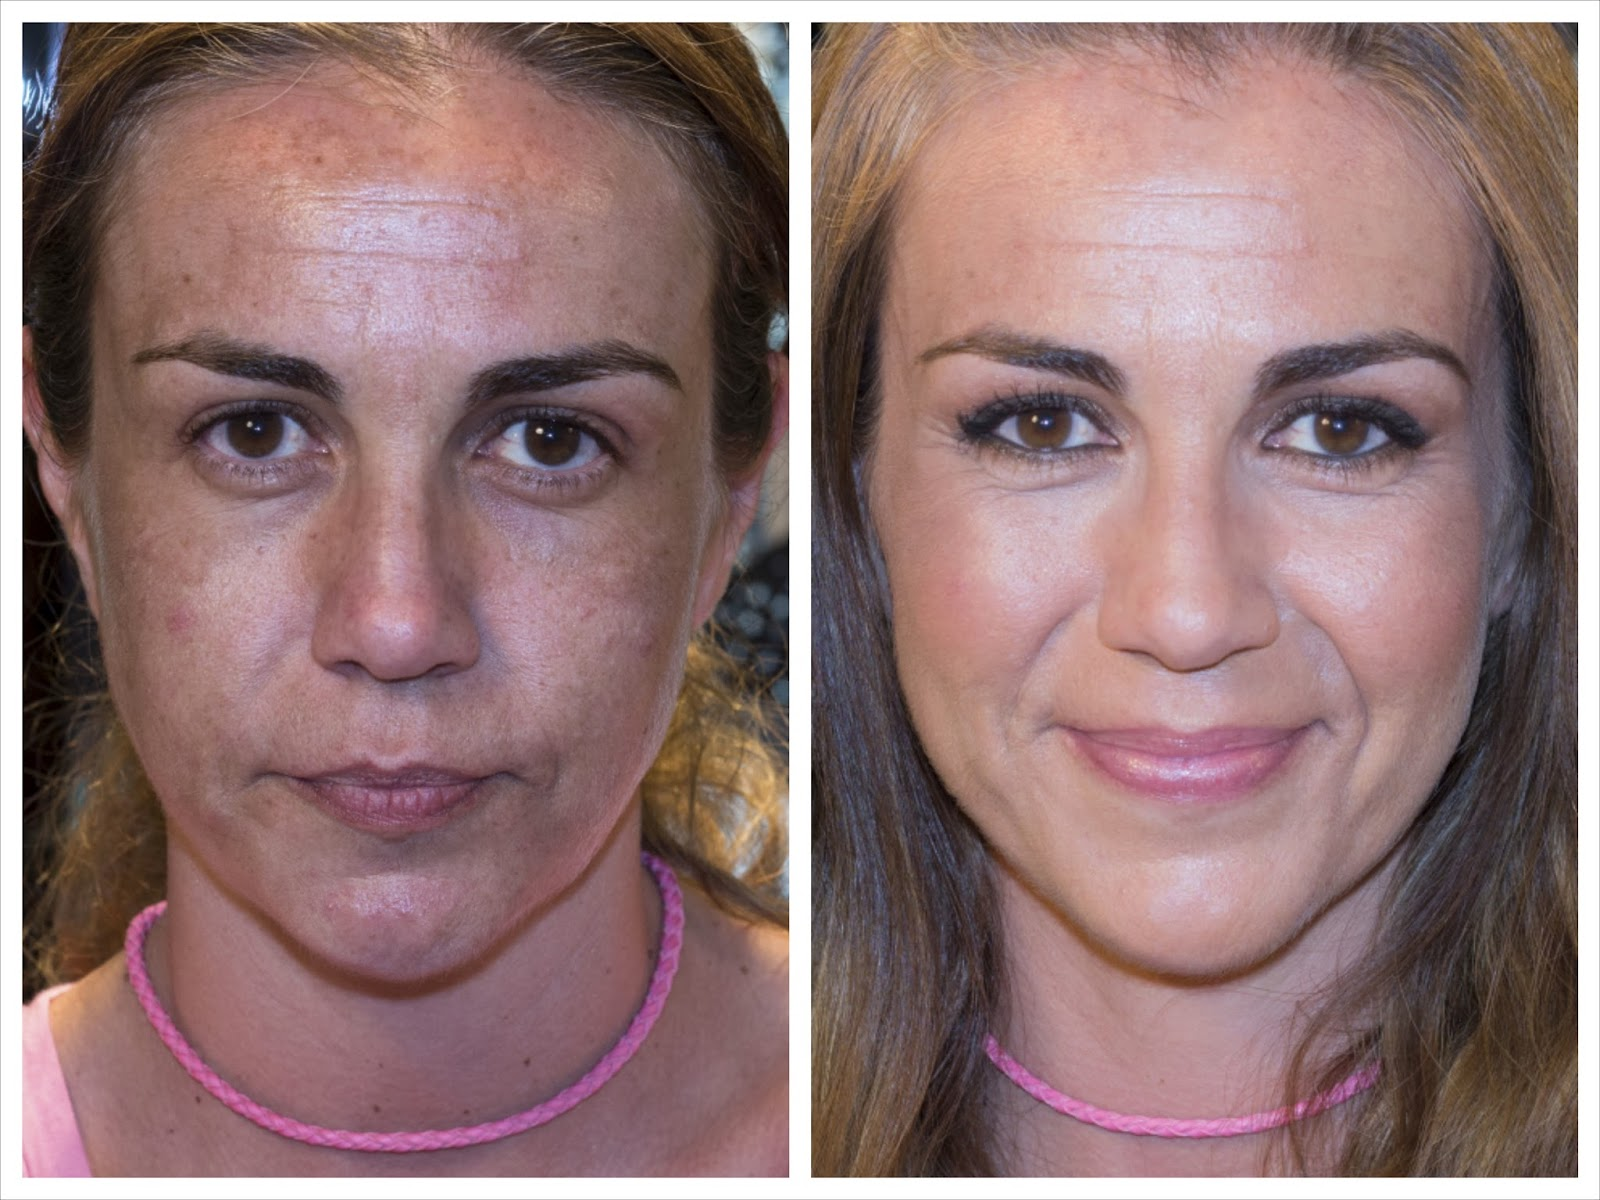 Aparichi makeup blog de maquillaje y belleza - Como tapar el gotele sin quitarlo ...